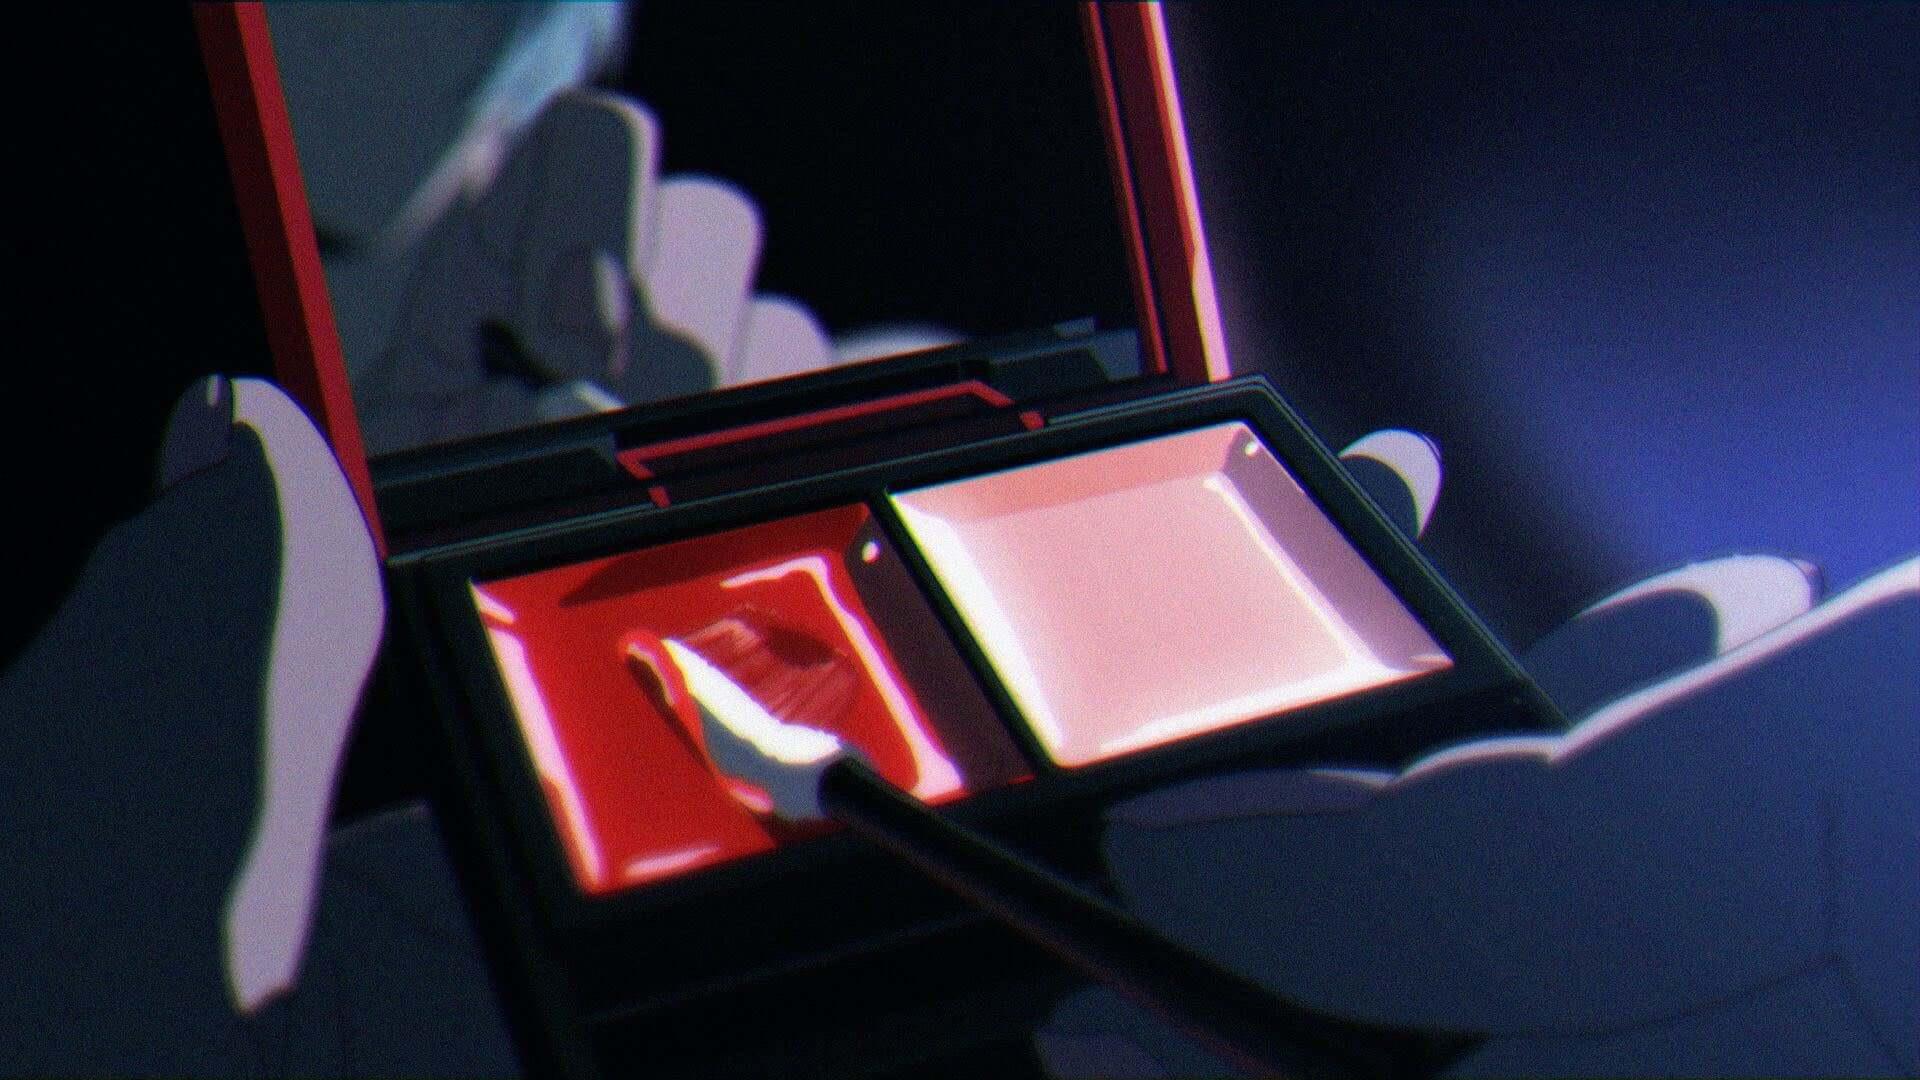 綾波レイが微笑む先には一体何が?『エヴァンゲリオン』とKATEのコラボ動画第2弾が公開決定 lf210202_kate-eva_12-1920x1080